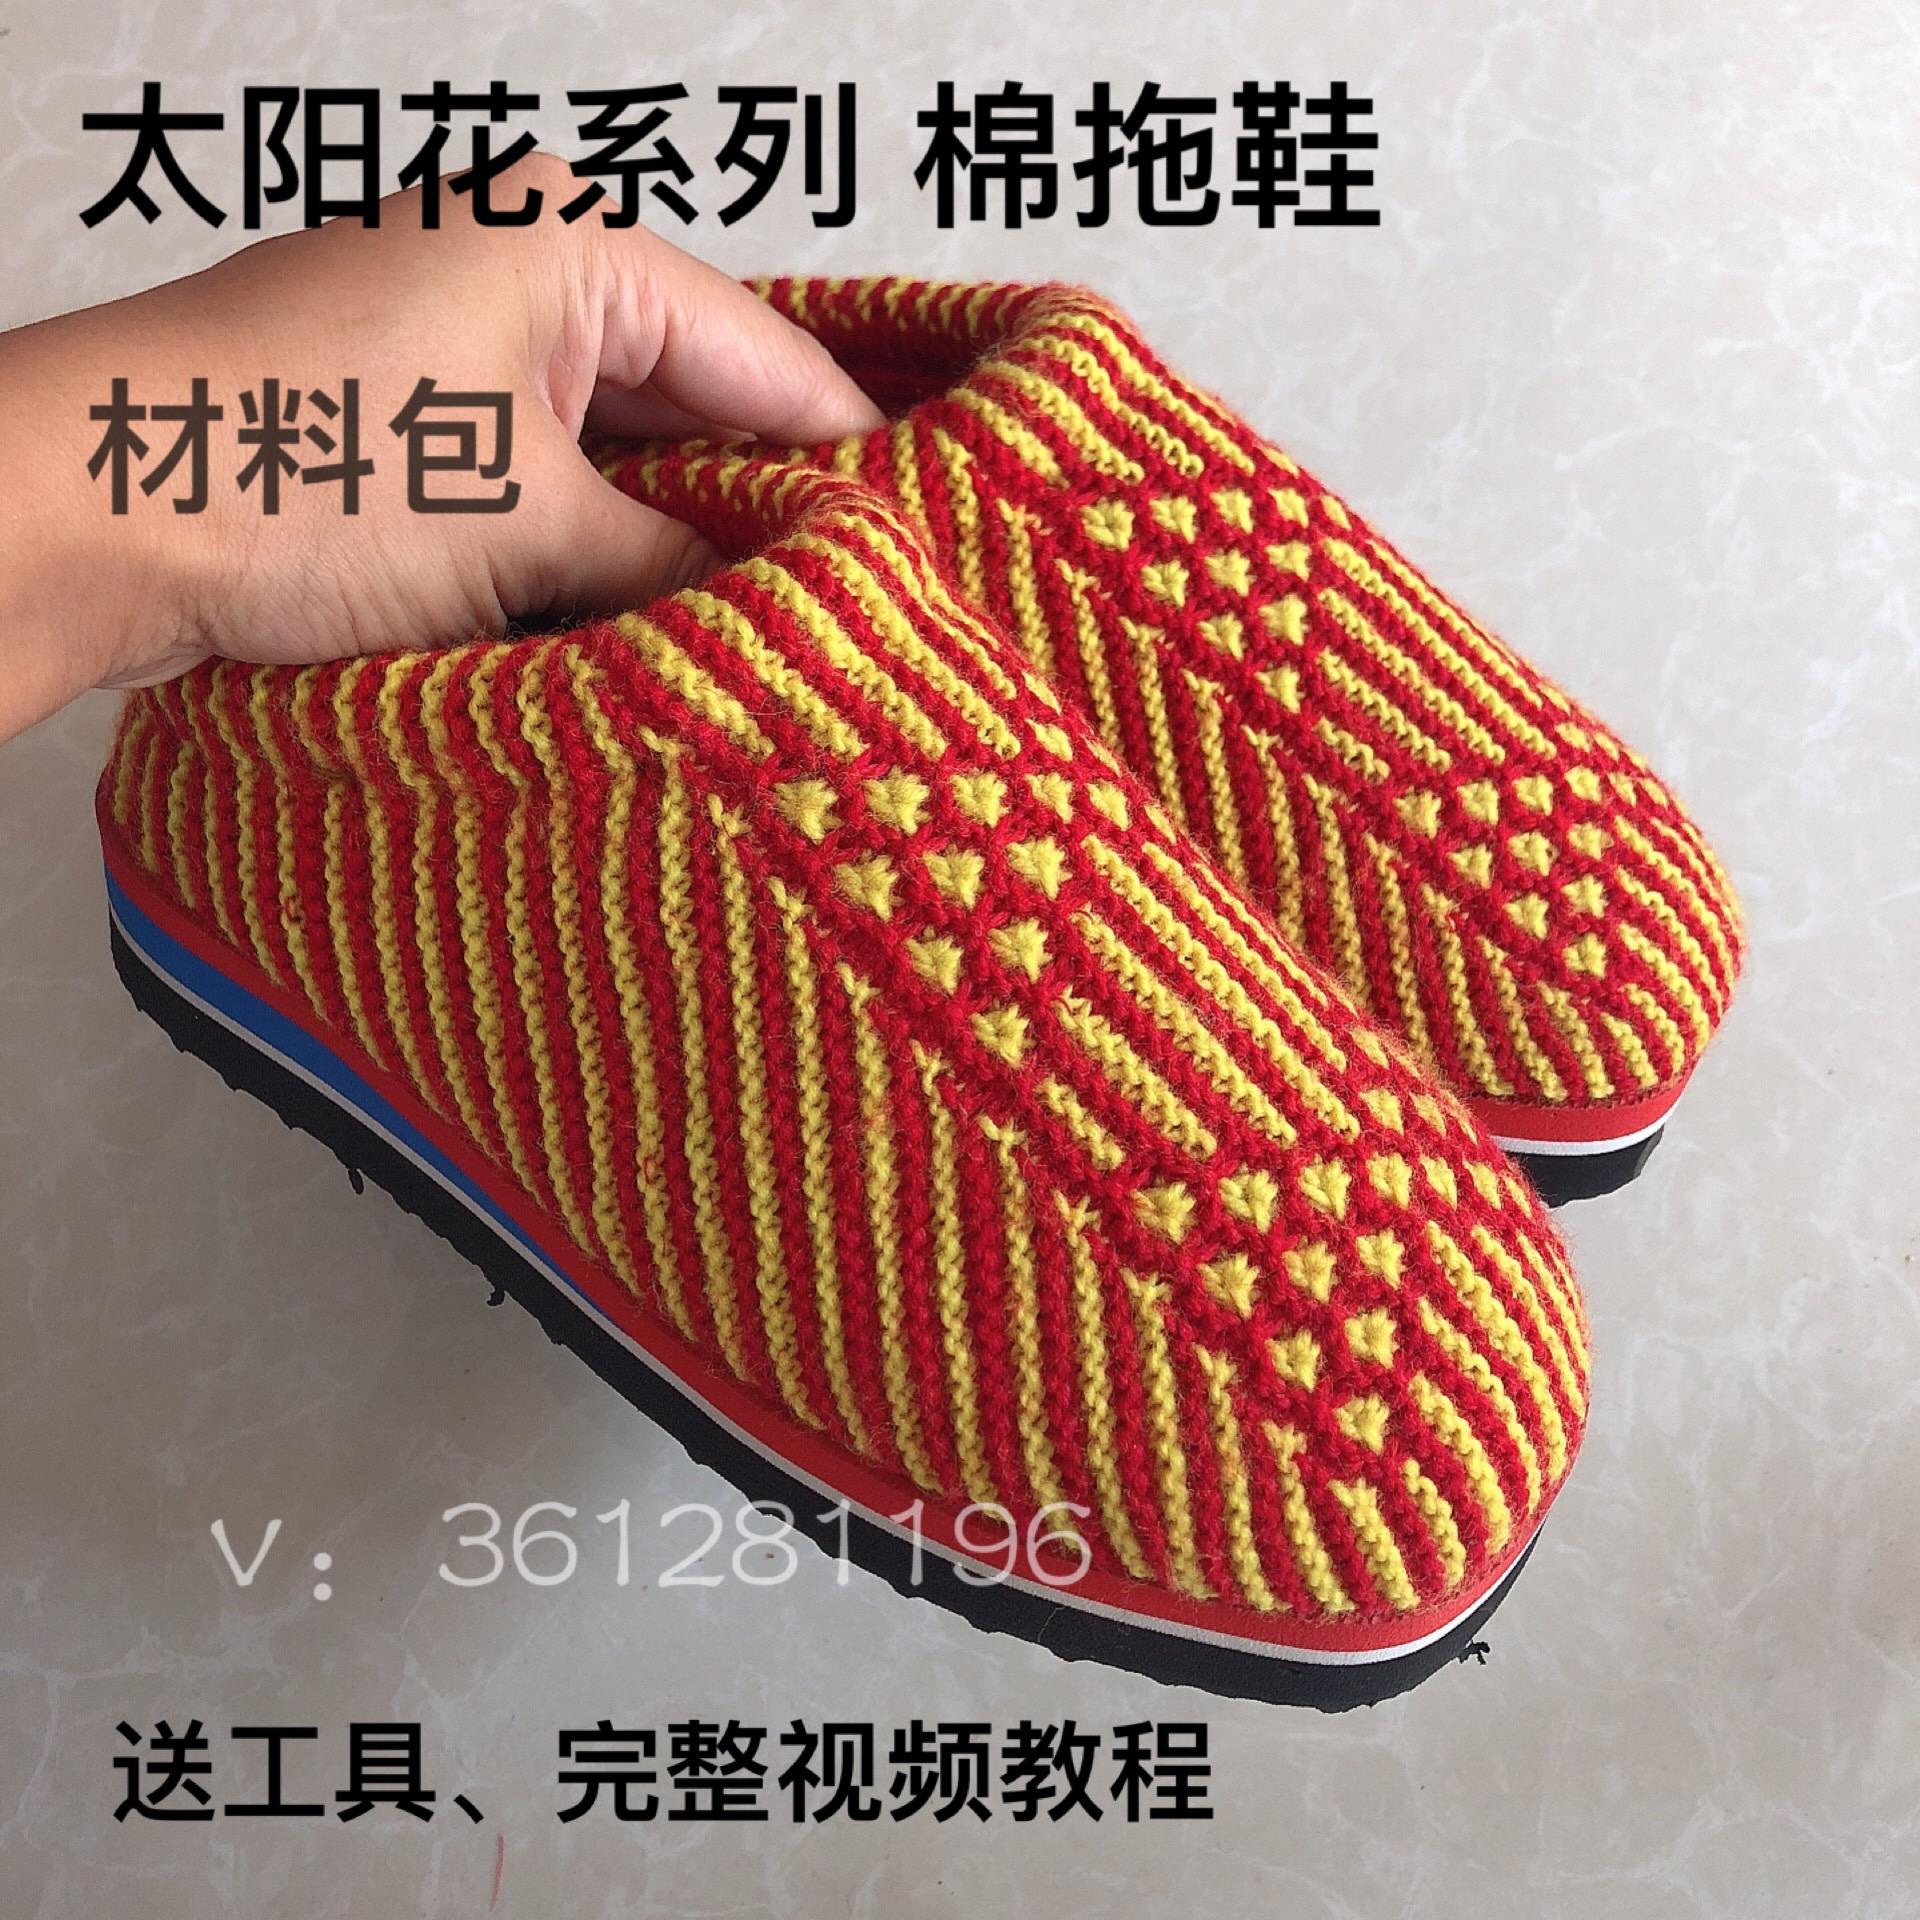 婷婷纯手工编织 太阳花系列 棉拖鞋毛线材料 送工具视频教程